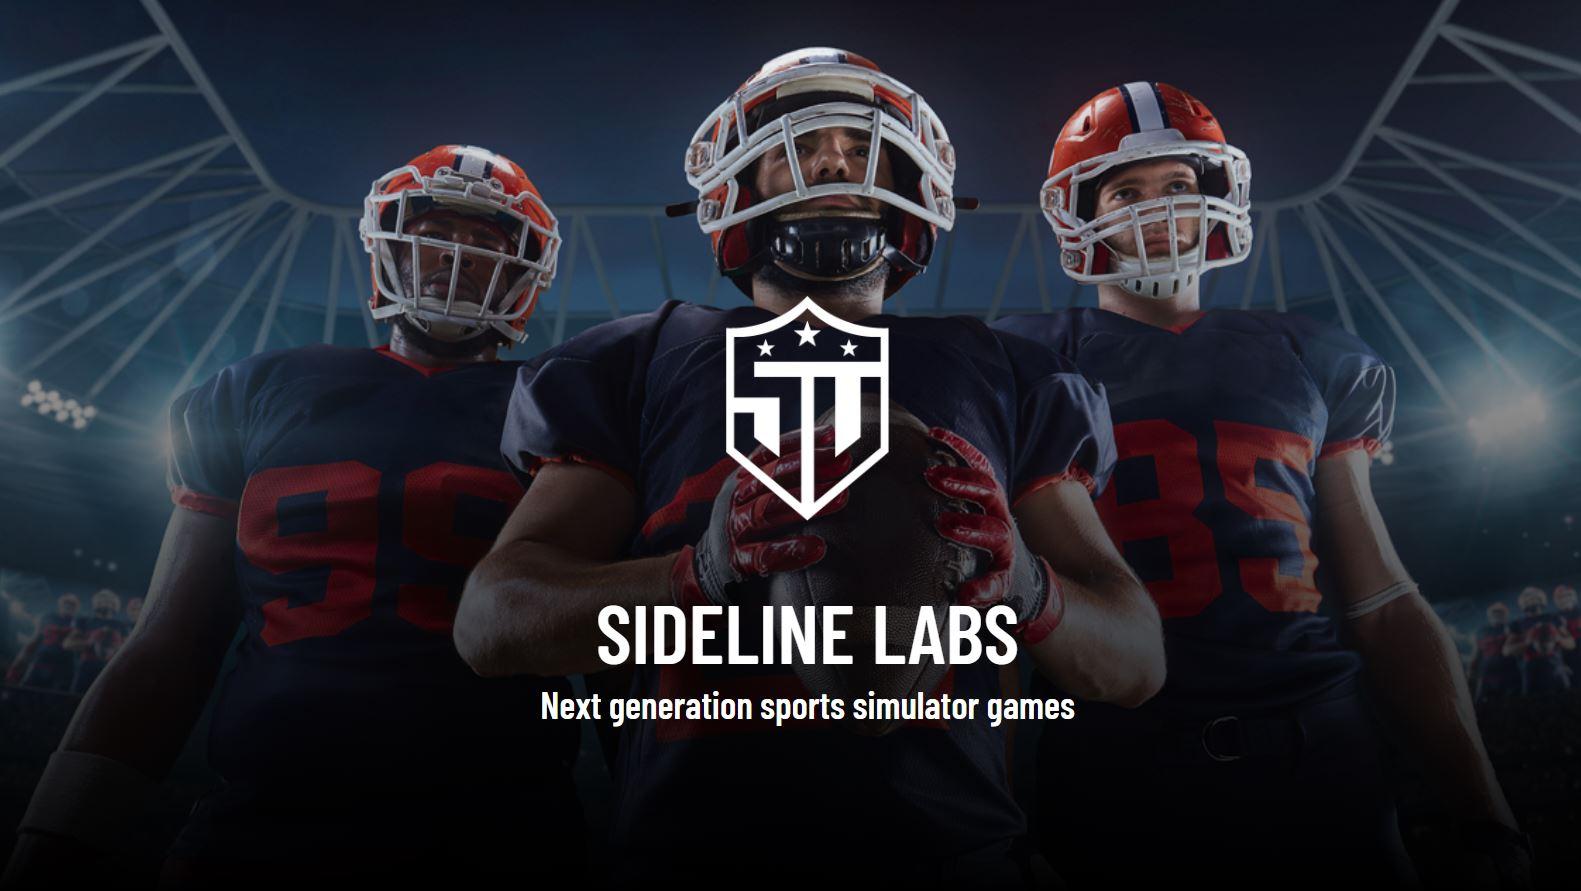 Sideline Labs